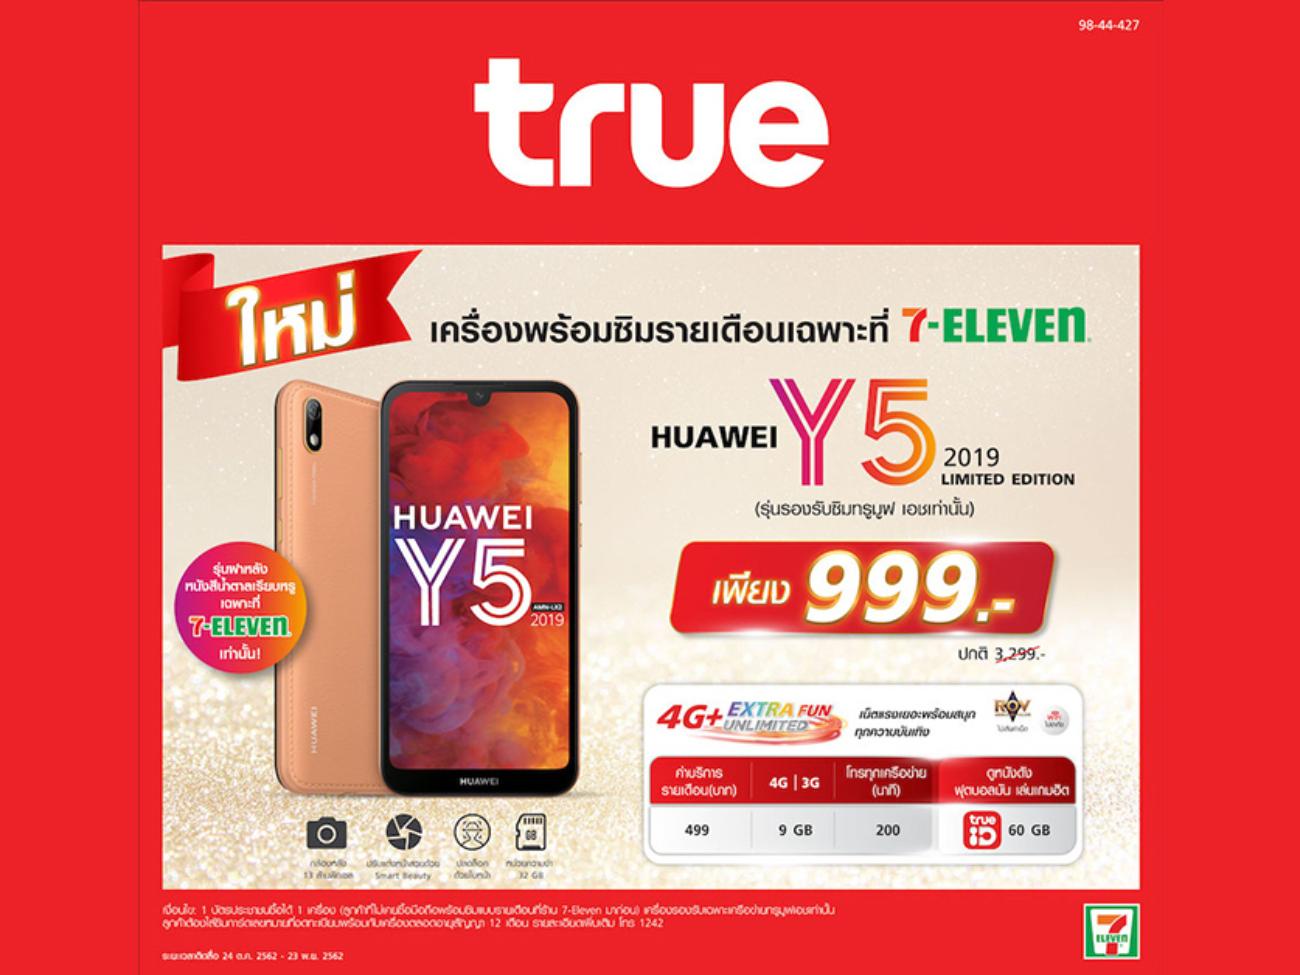 HUAWEI-Y5-2019-x-True-x-7-ELEVEN-(9)